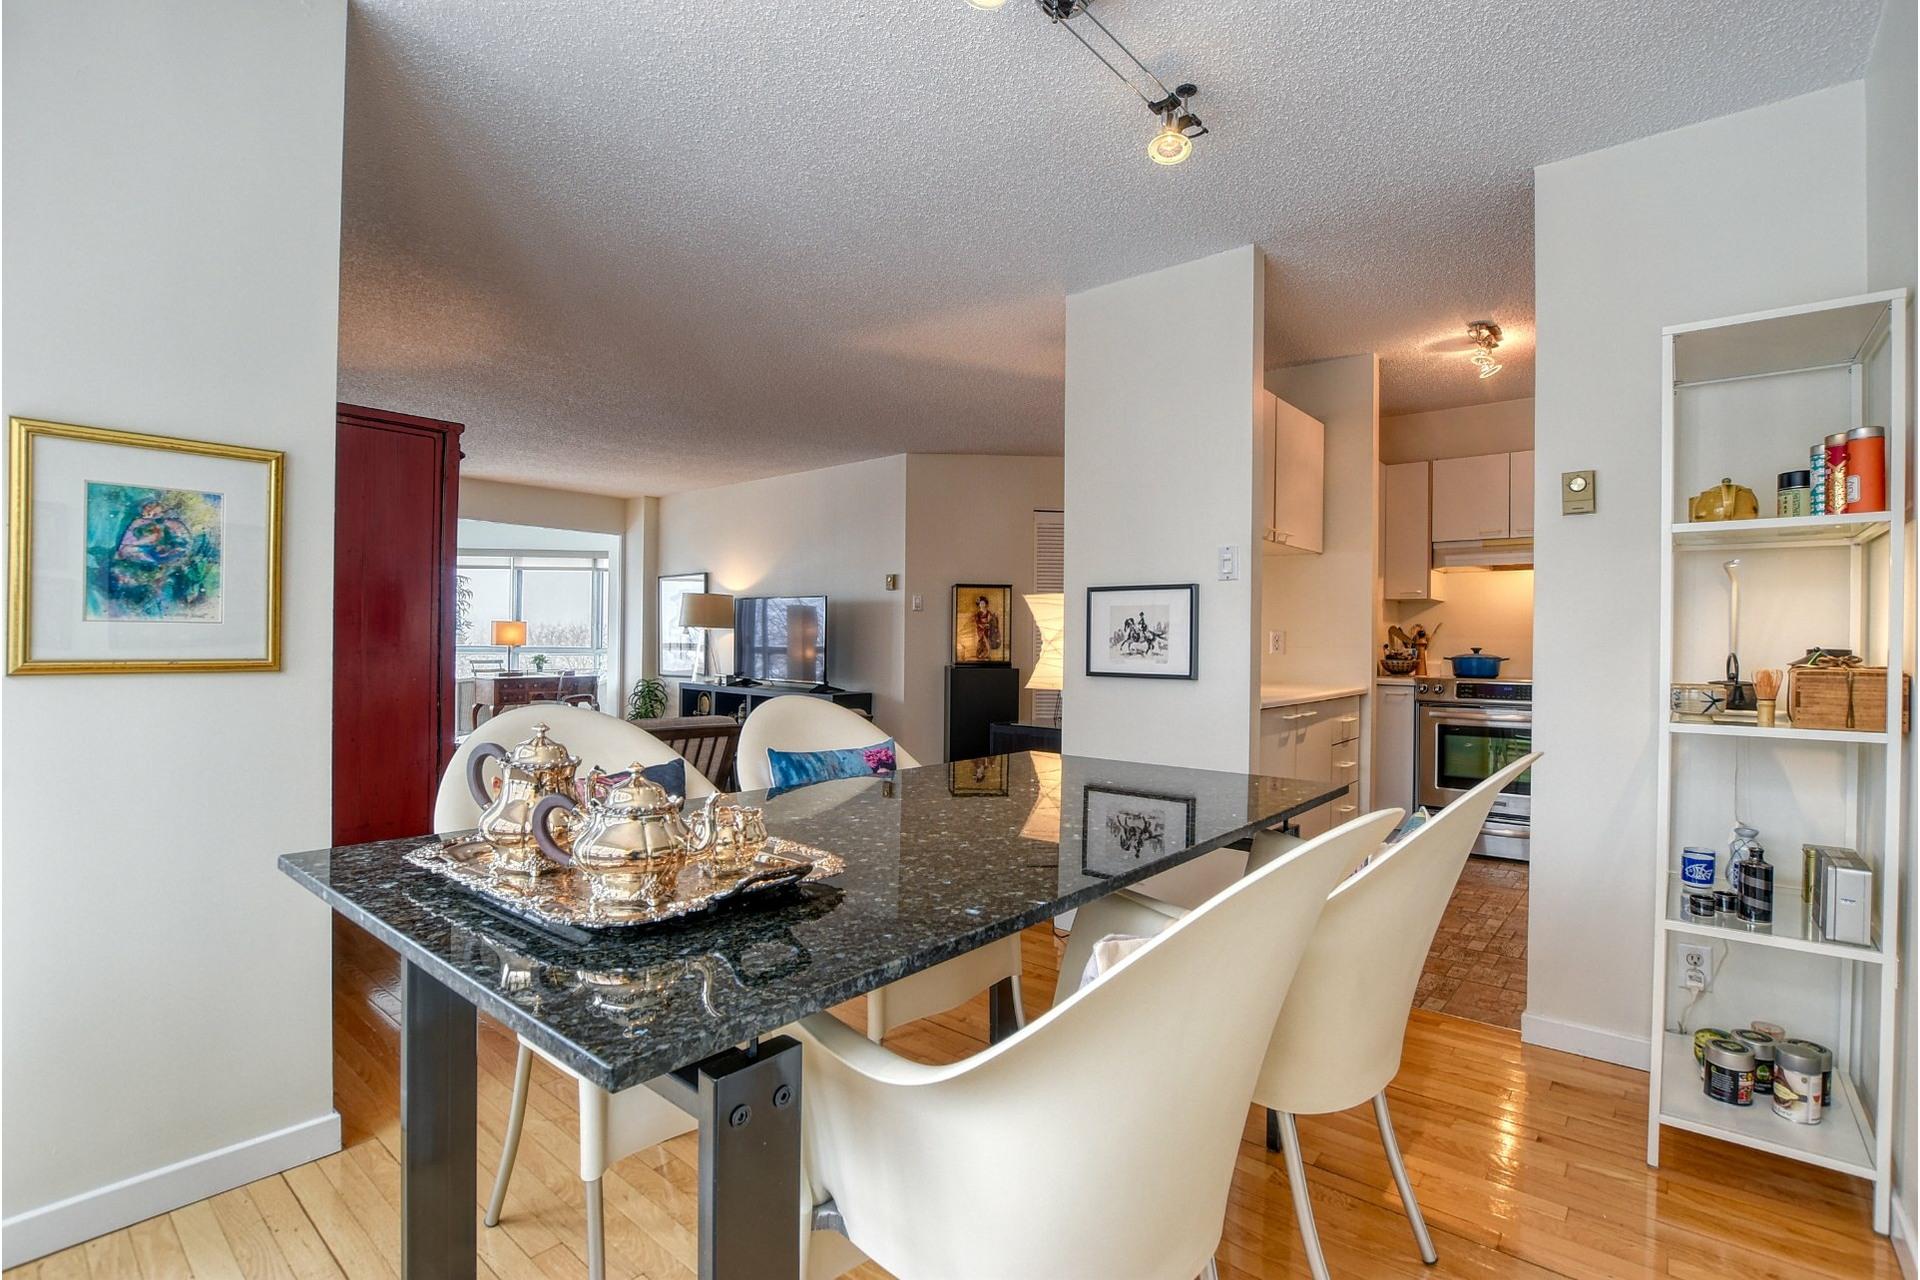 image 9 - Appartement À vendre Verdun/Île-des-Soeurs Montréal  - 6 pièces